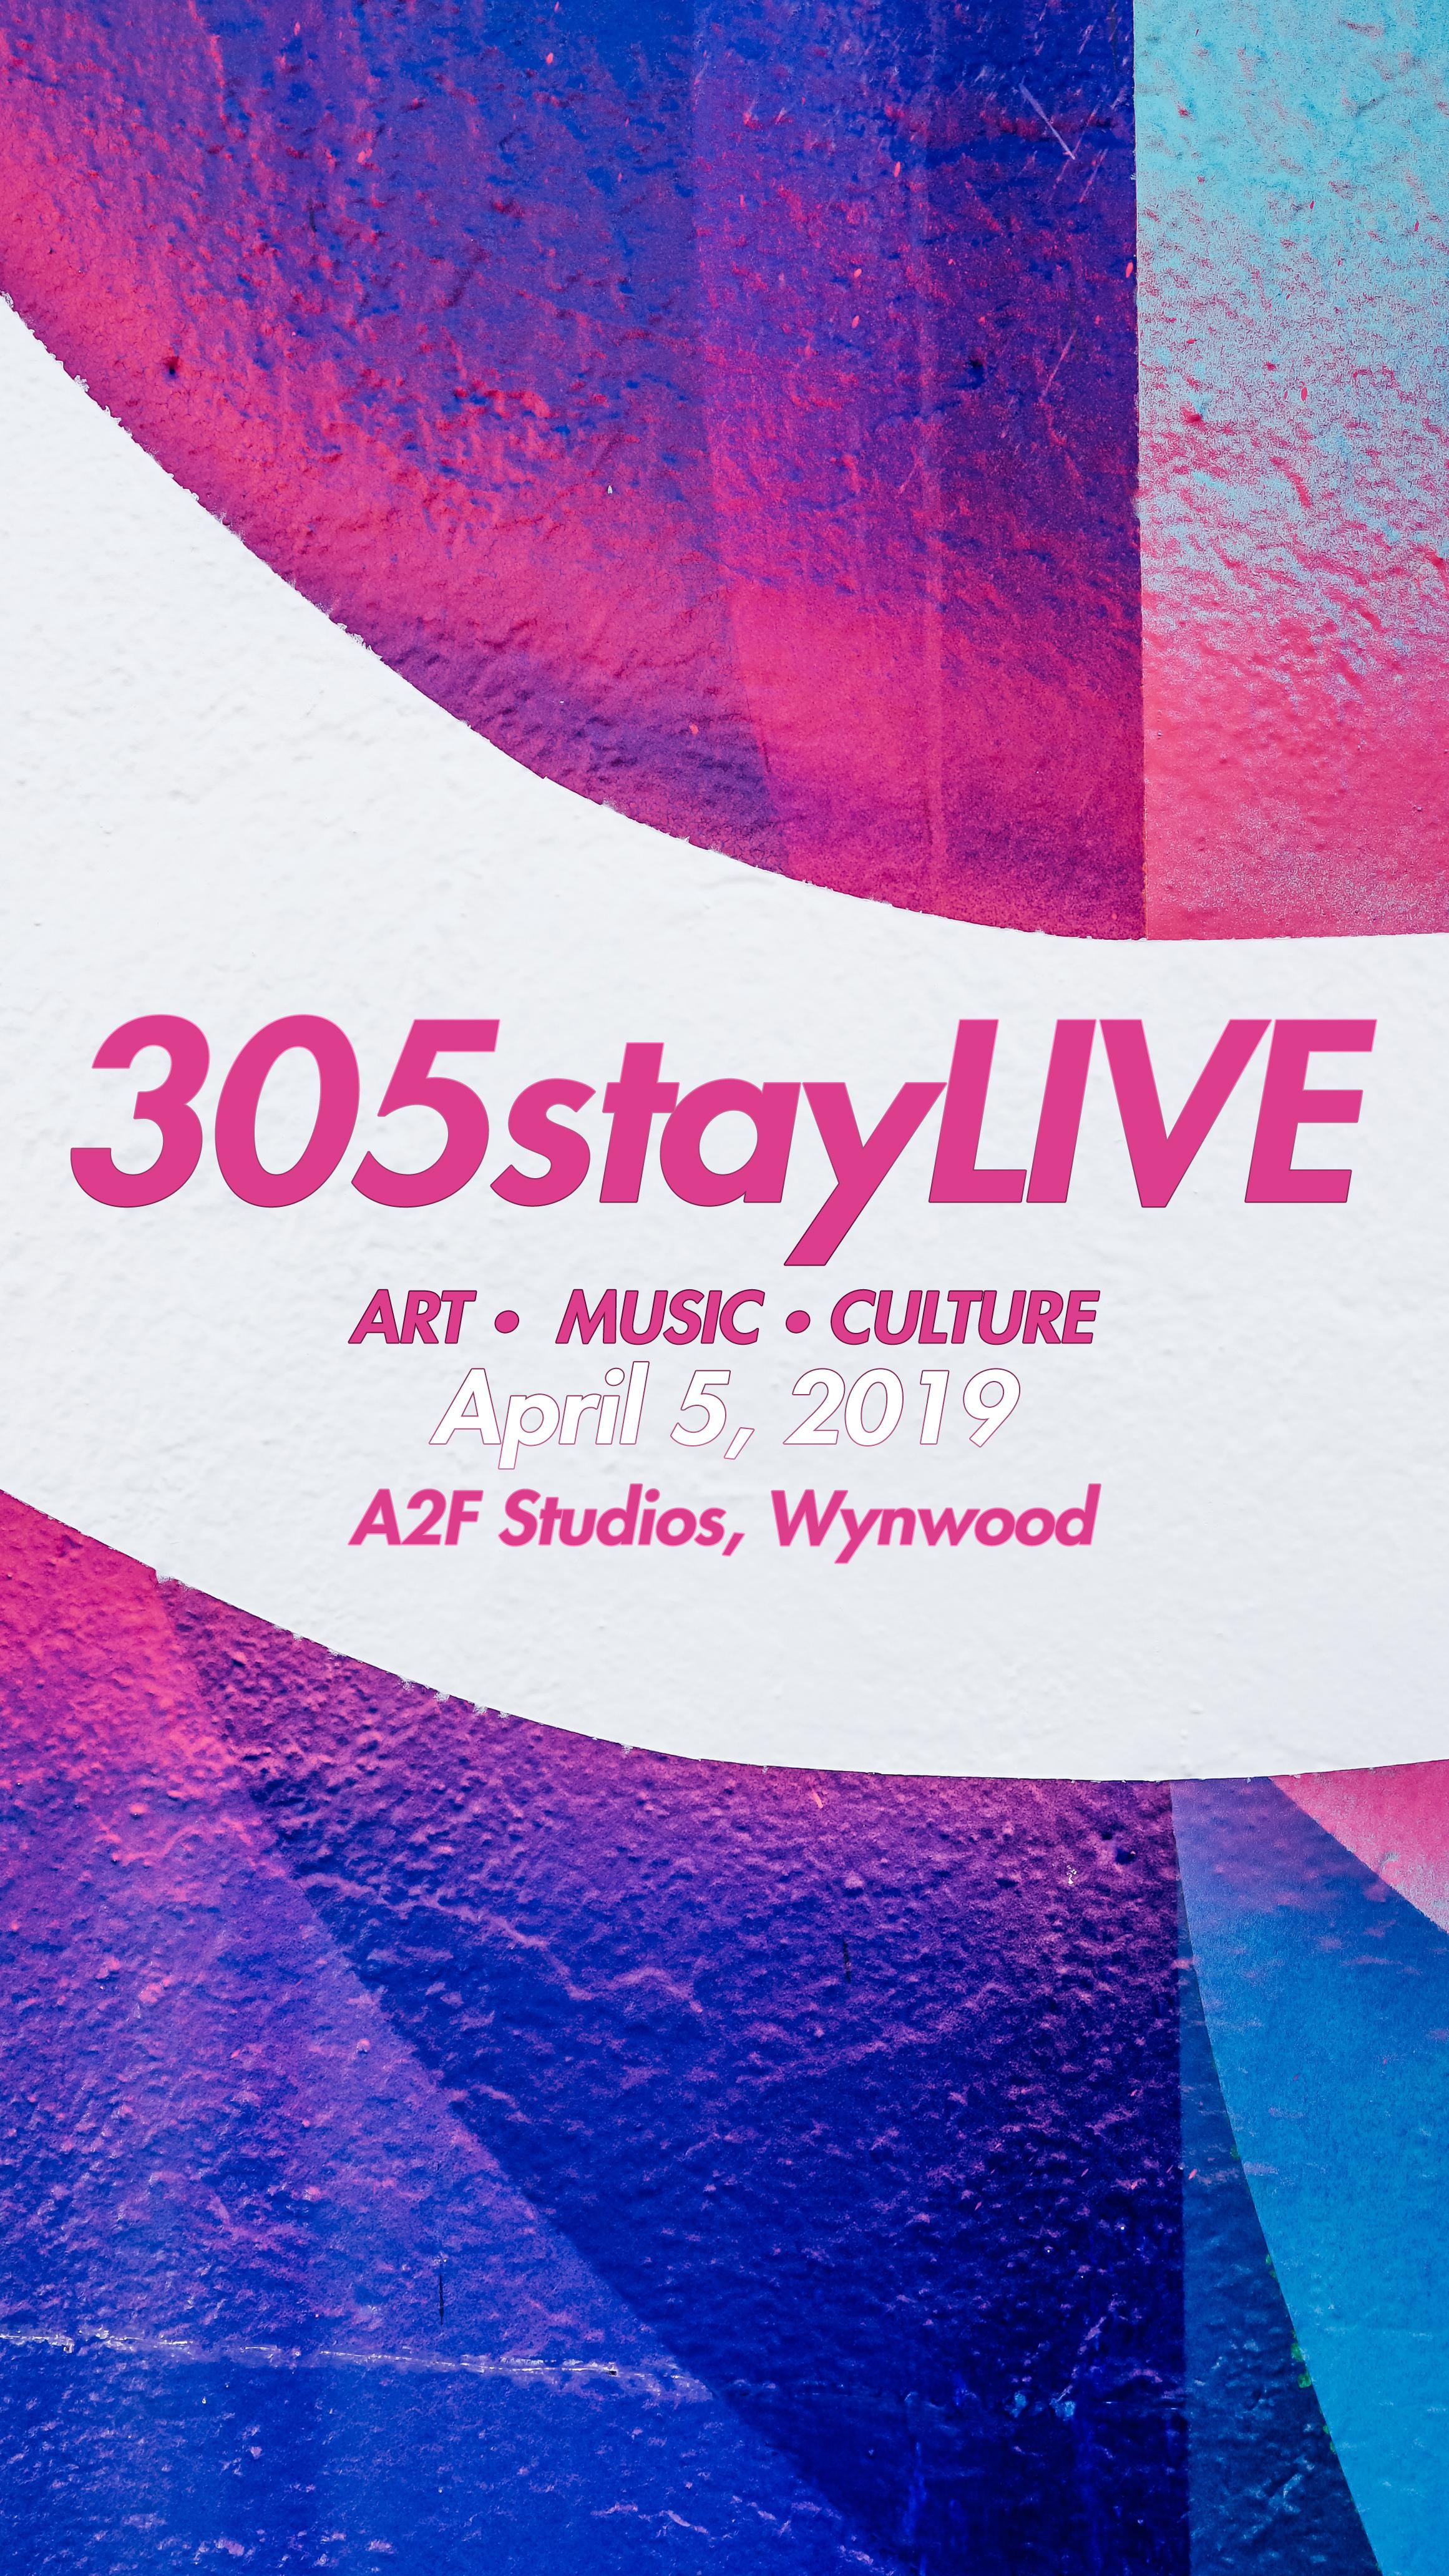 305stayLIVE07.jpg